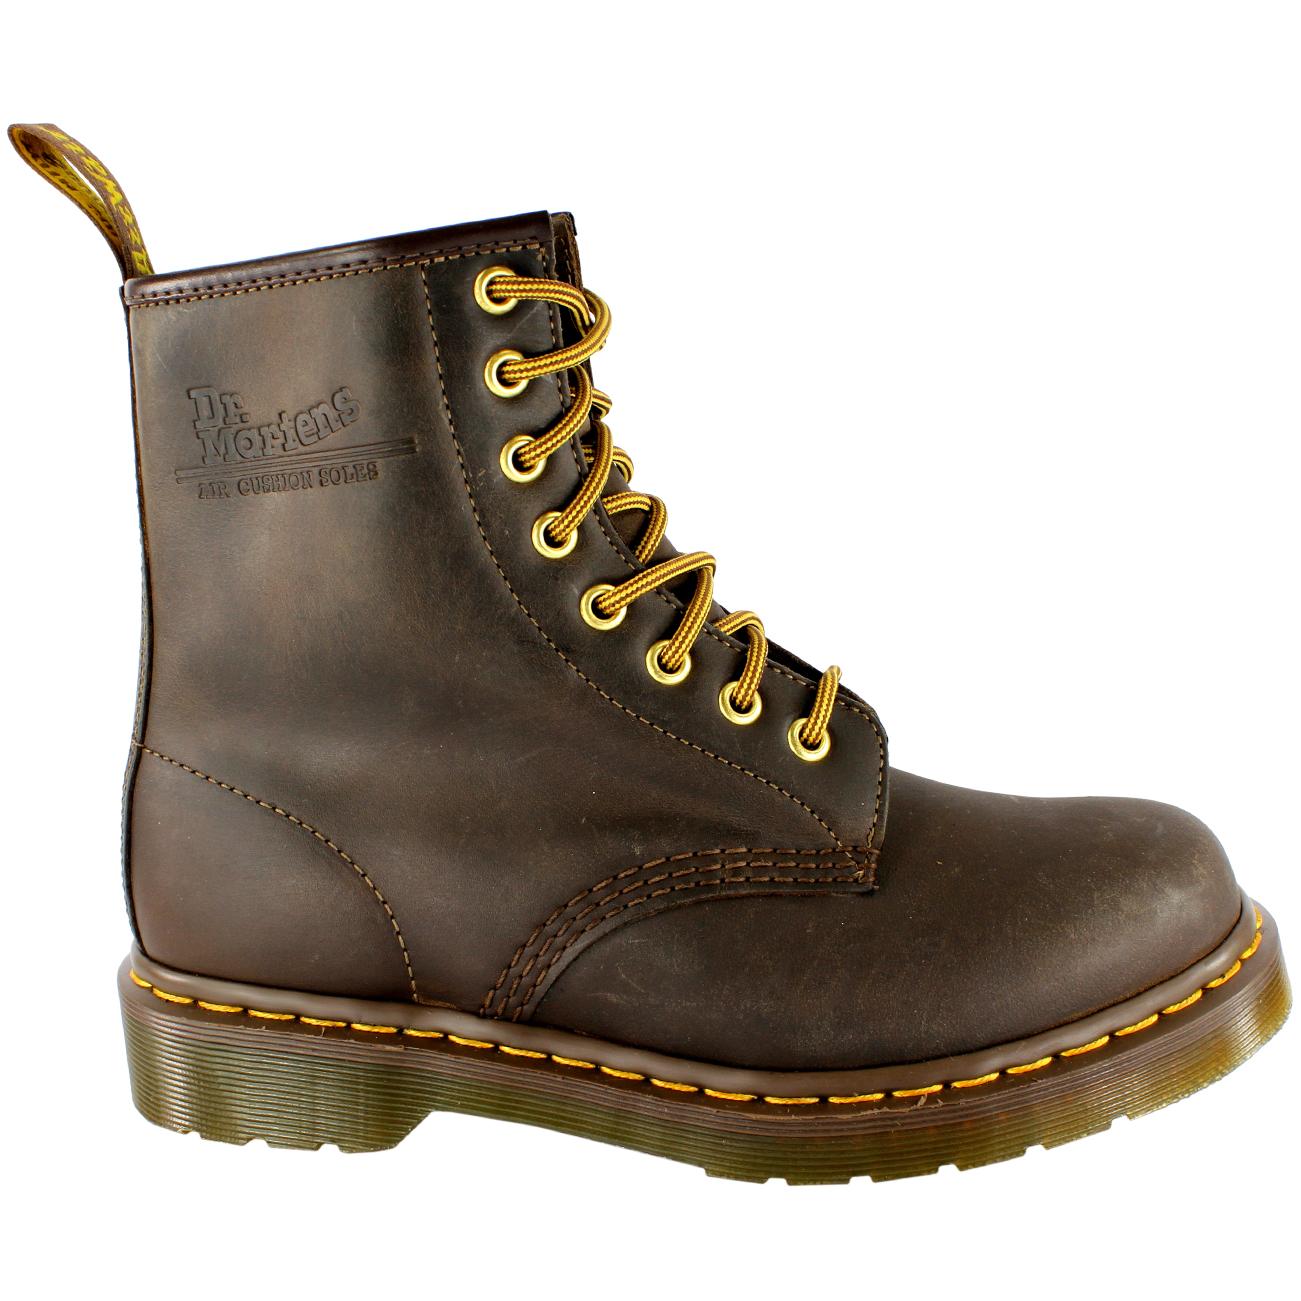 e2a85c7c9097 Mens Dr Martens Classic Retro Vintage Leather Lace Up Ankle Boots UK ...